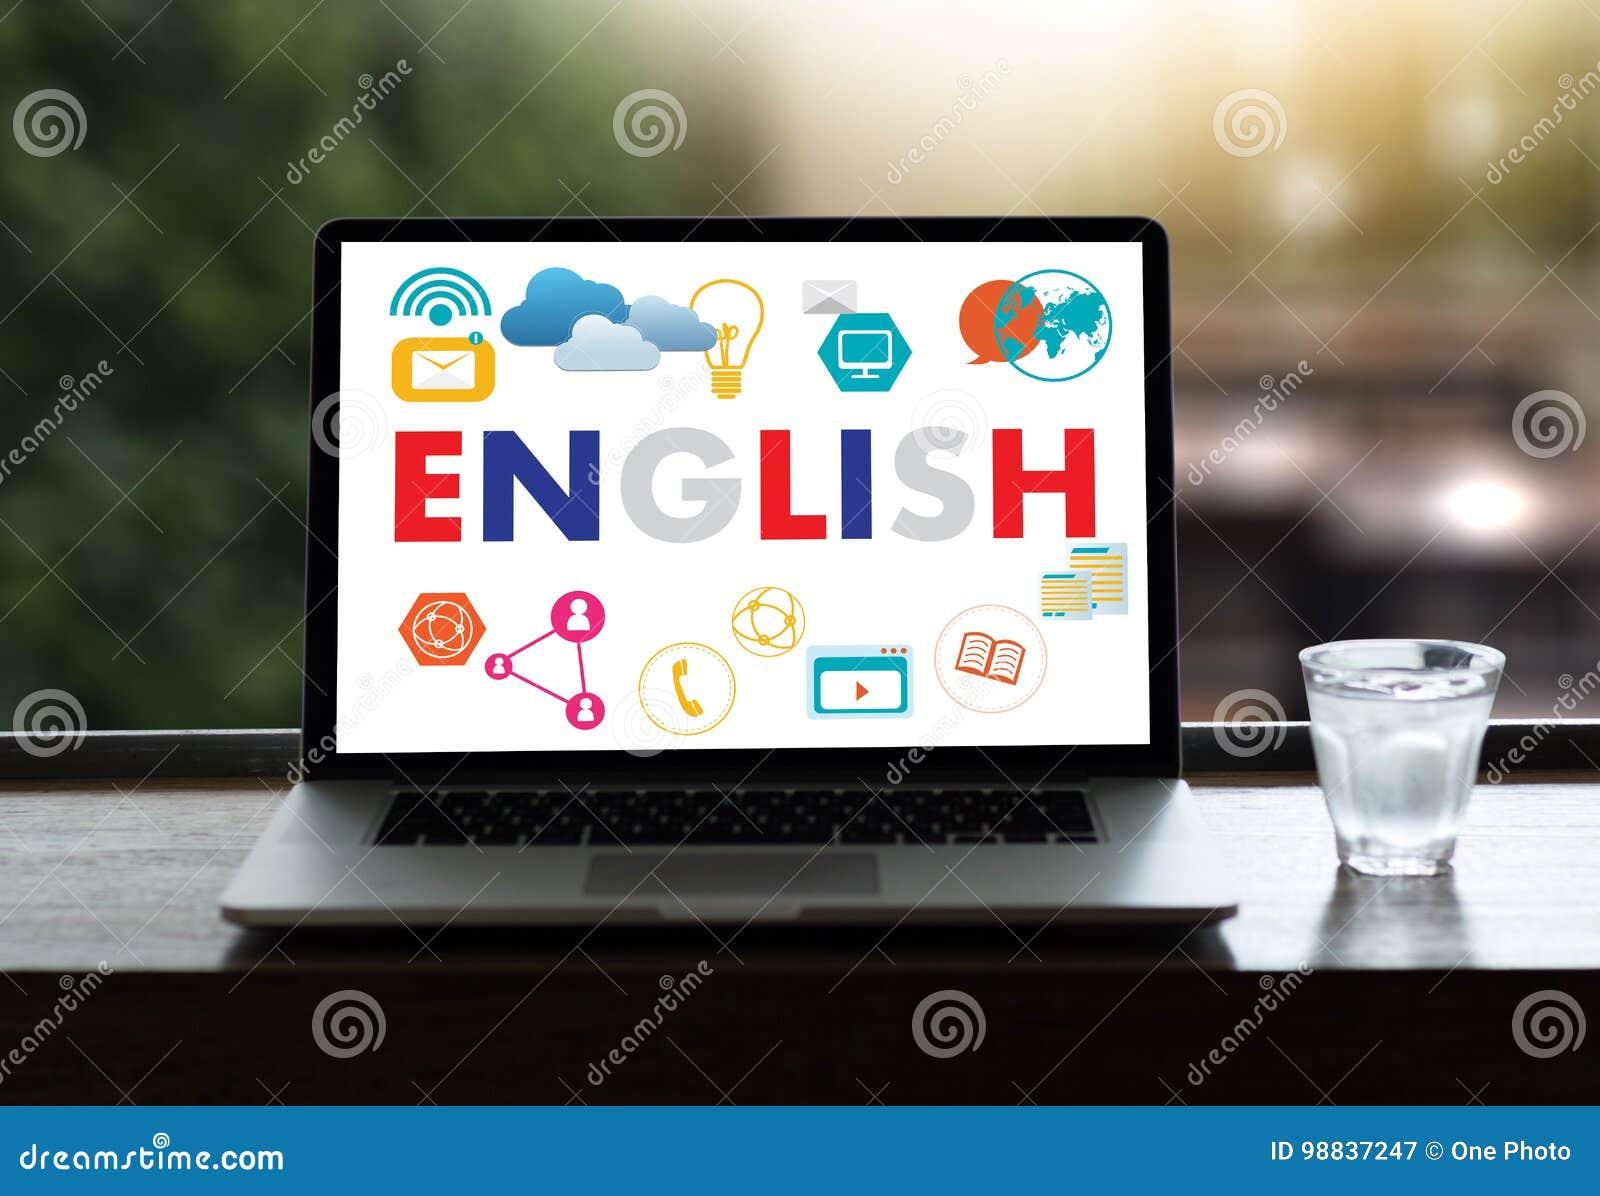 ENGLISH ( British England Language Education ) do you speak engl